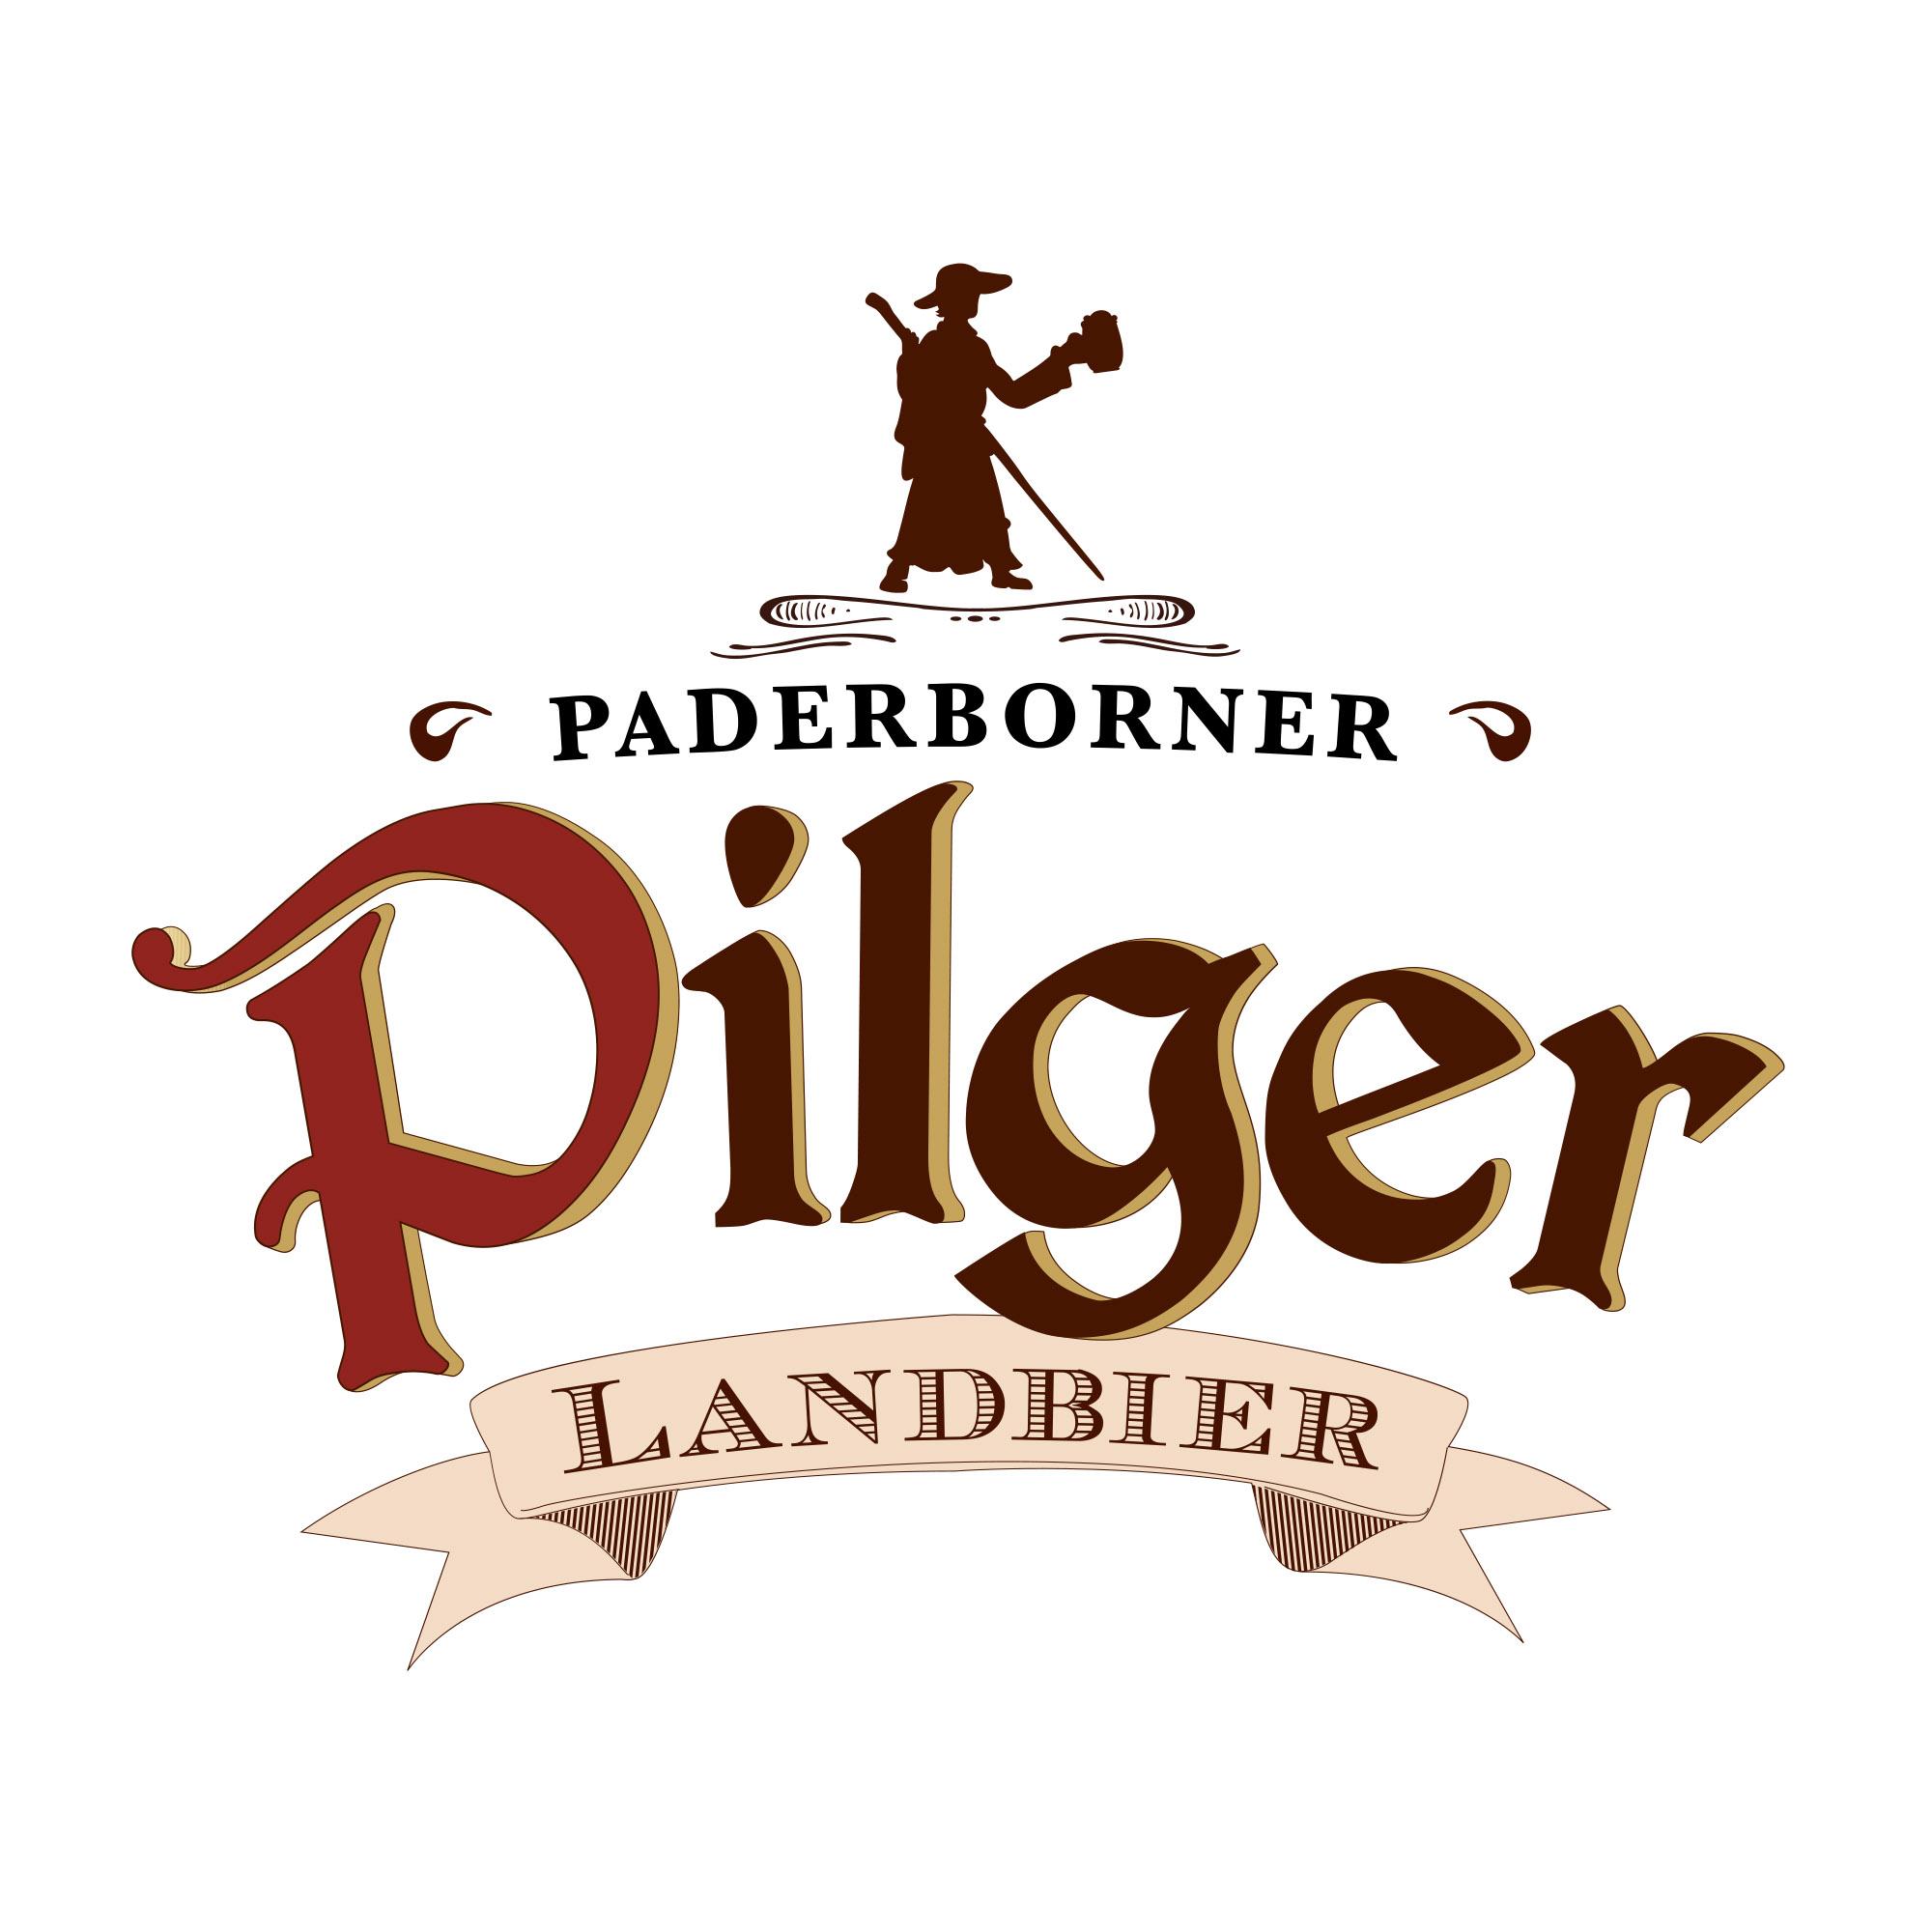 Logo Paderborner Pilger Landbier